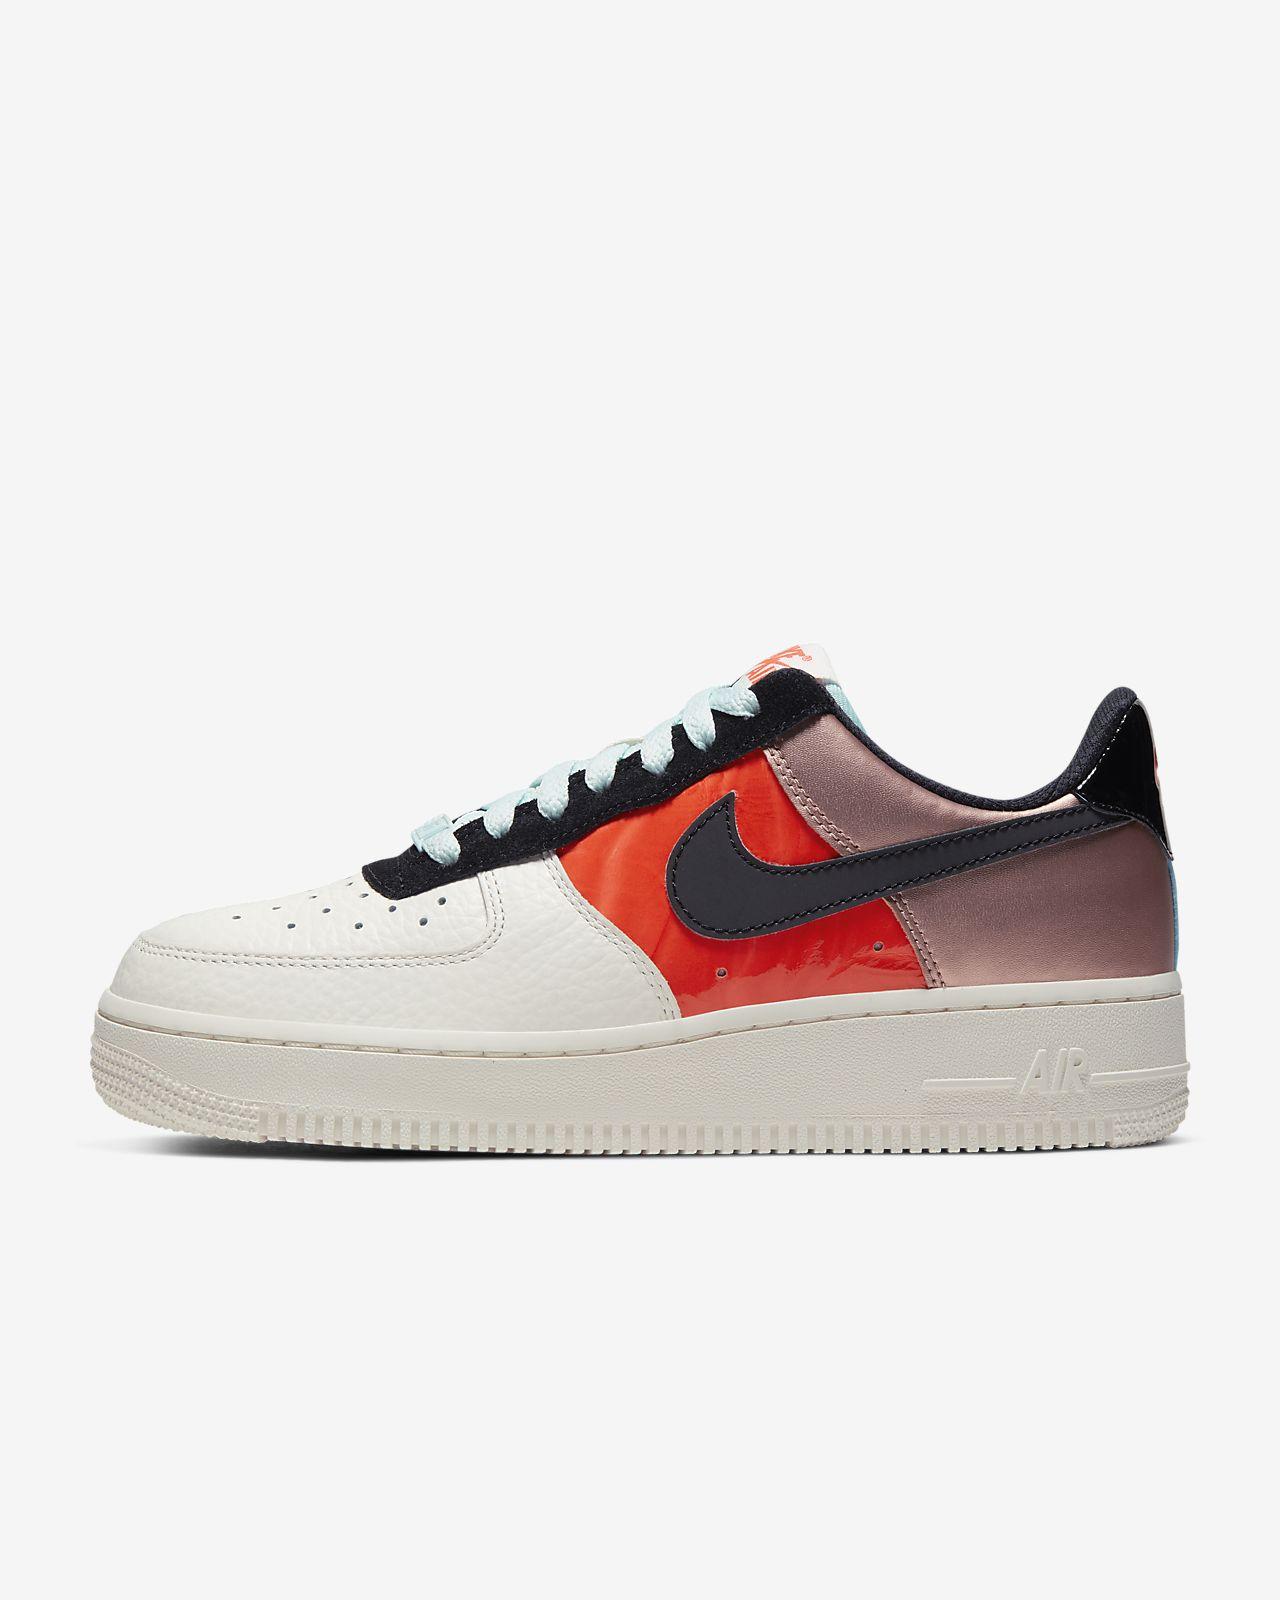 Sko Nike Air Force 1 Low för kvinnor